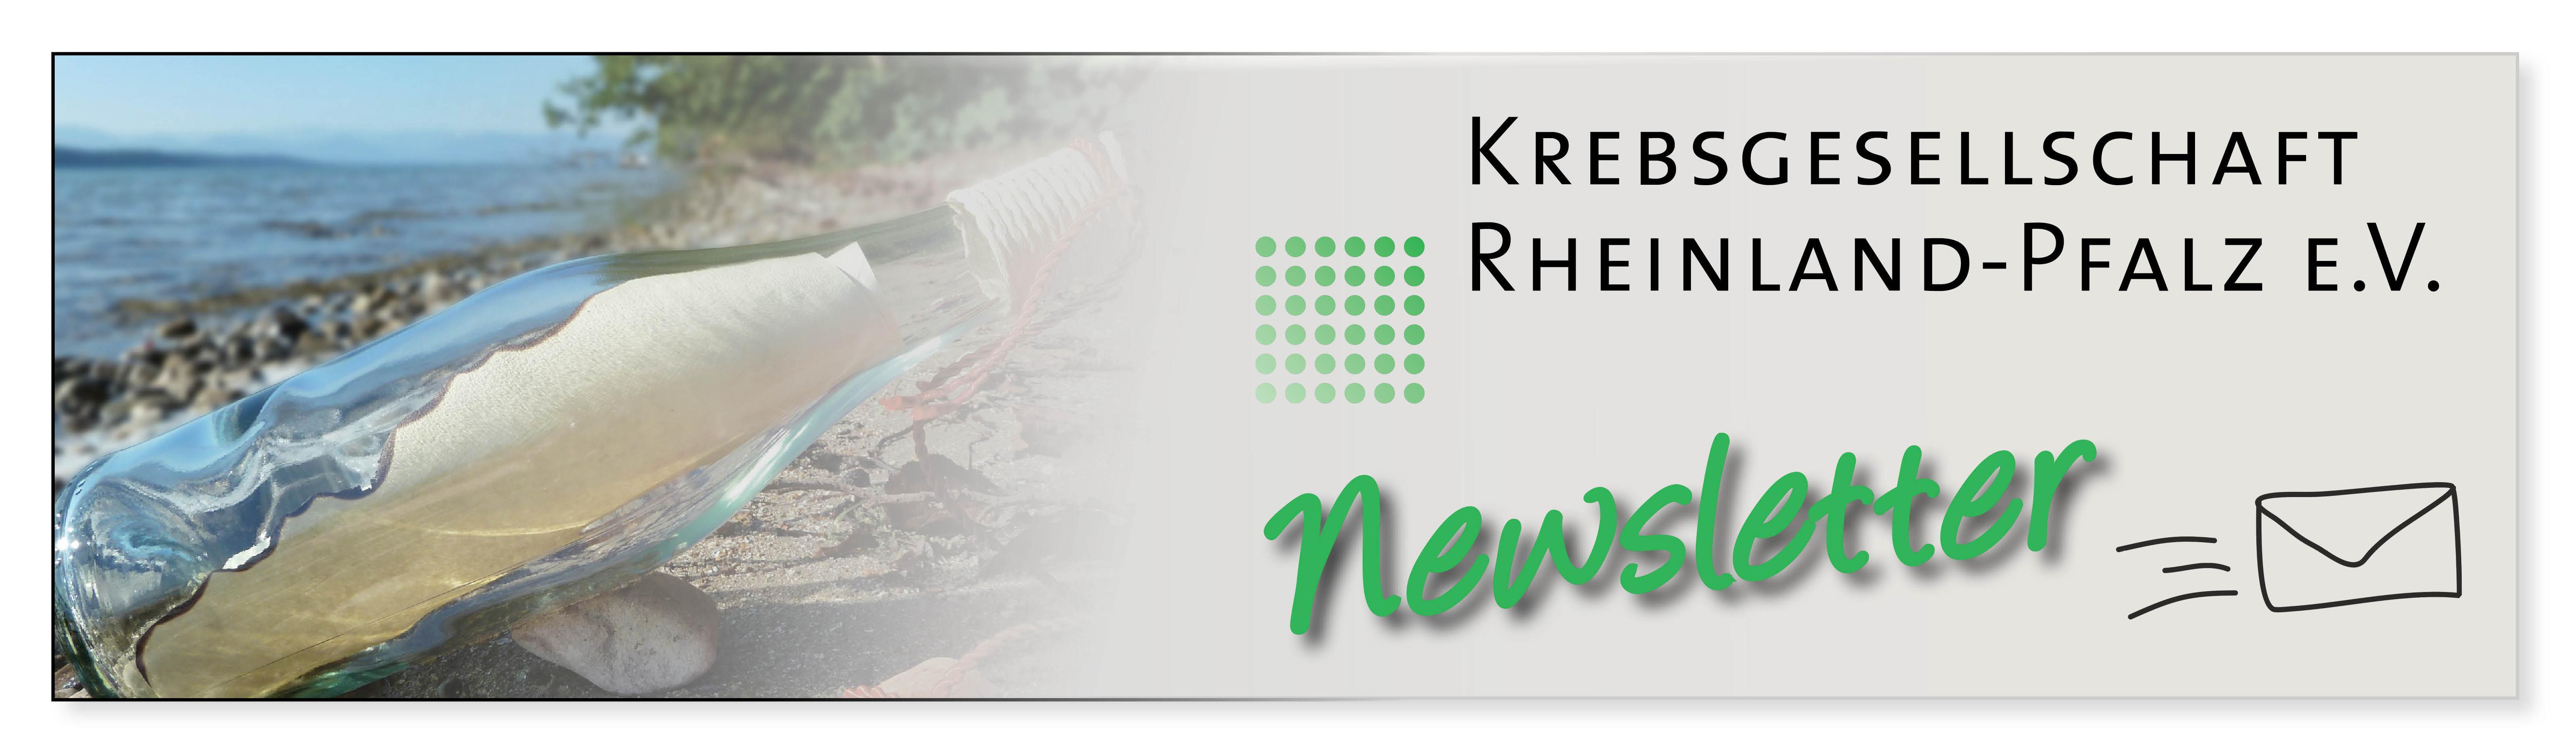 Newsletter Kopf 11 182